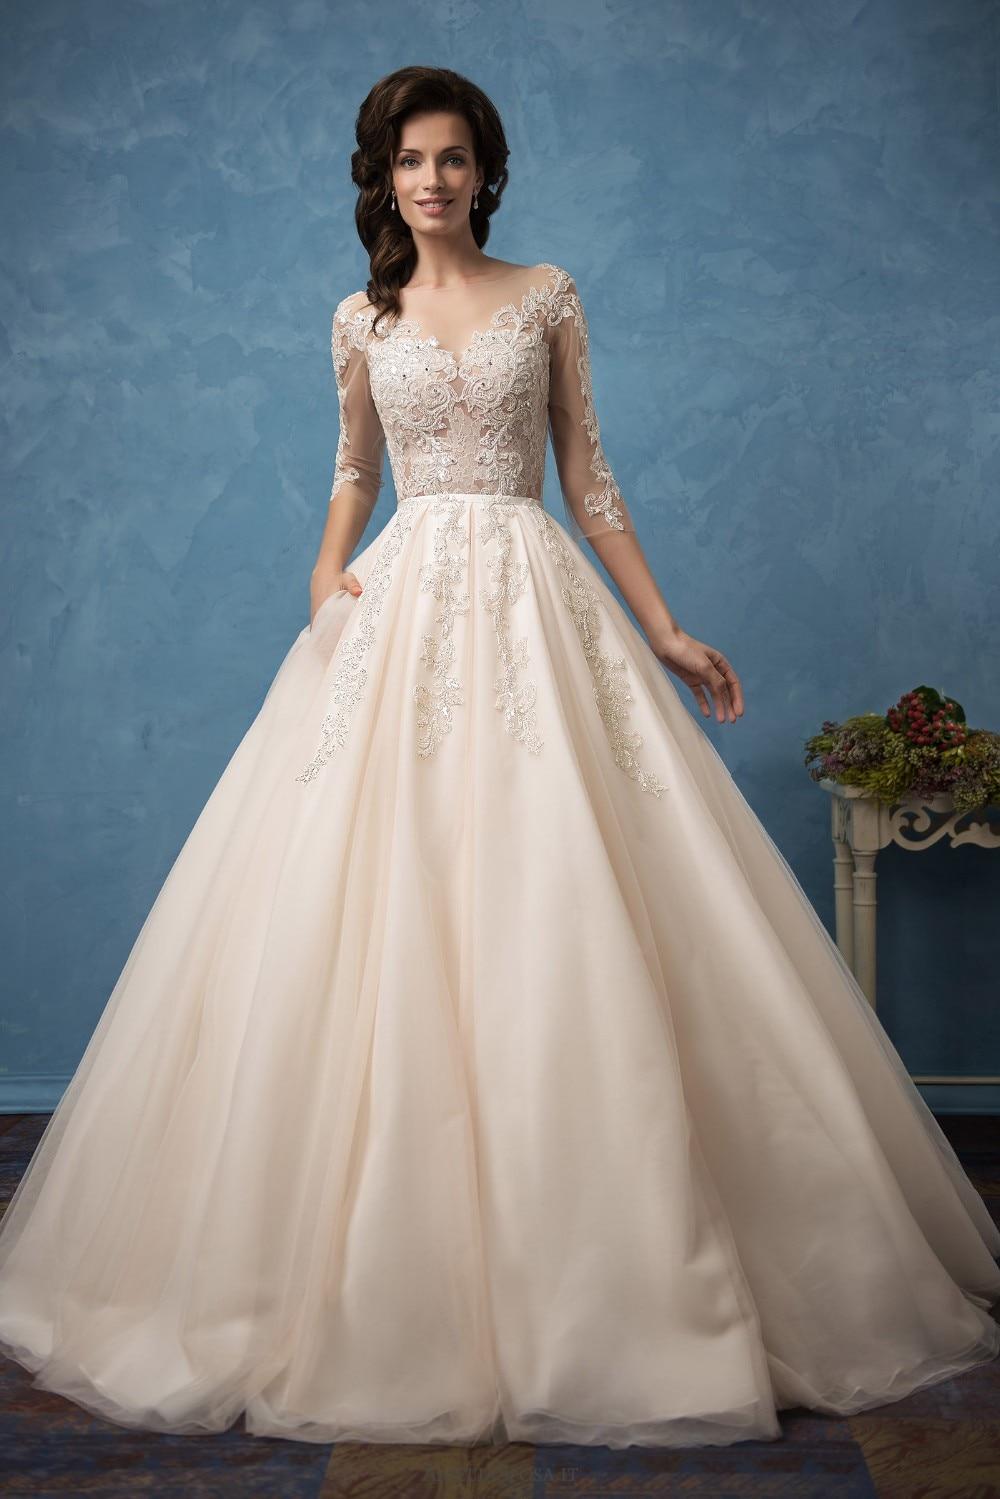 Fantastic Vestidos De Novia Sabadell Composition - Colorful Wedding ...